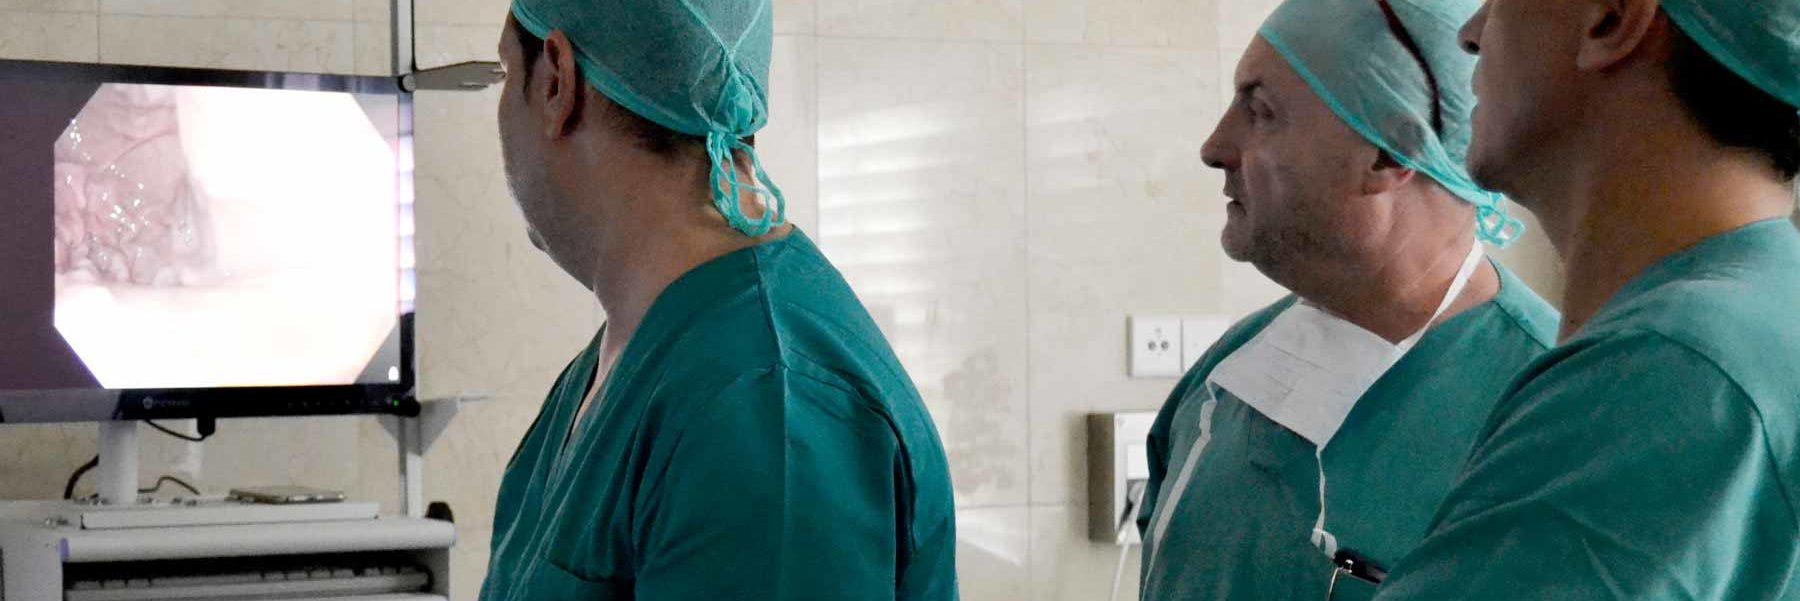 Aparato digestivo cirugía